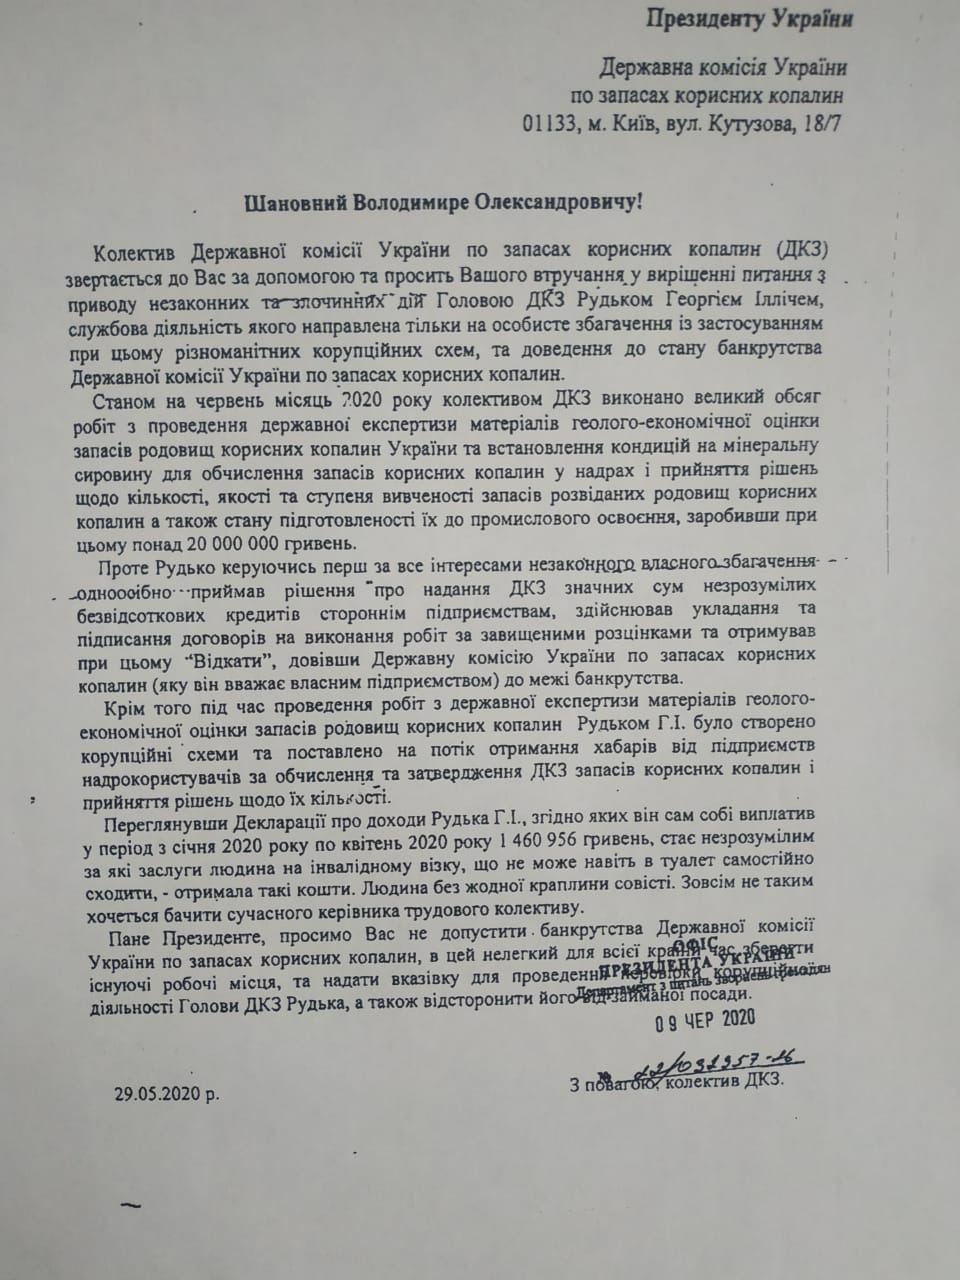 Зеленського закликали посадити Георгія Рудька з Державної комісії України по запасах корисних копалин за системну корупцію та побори